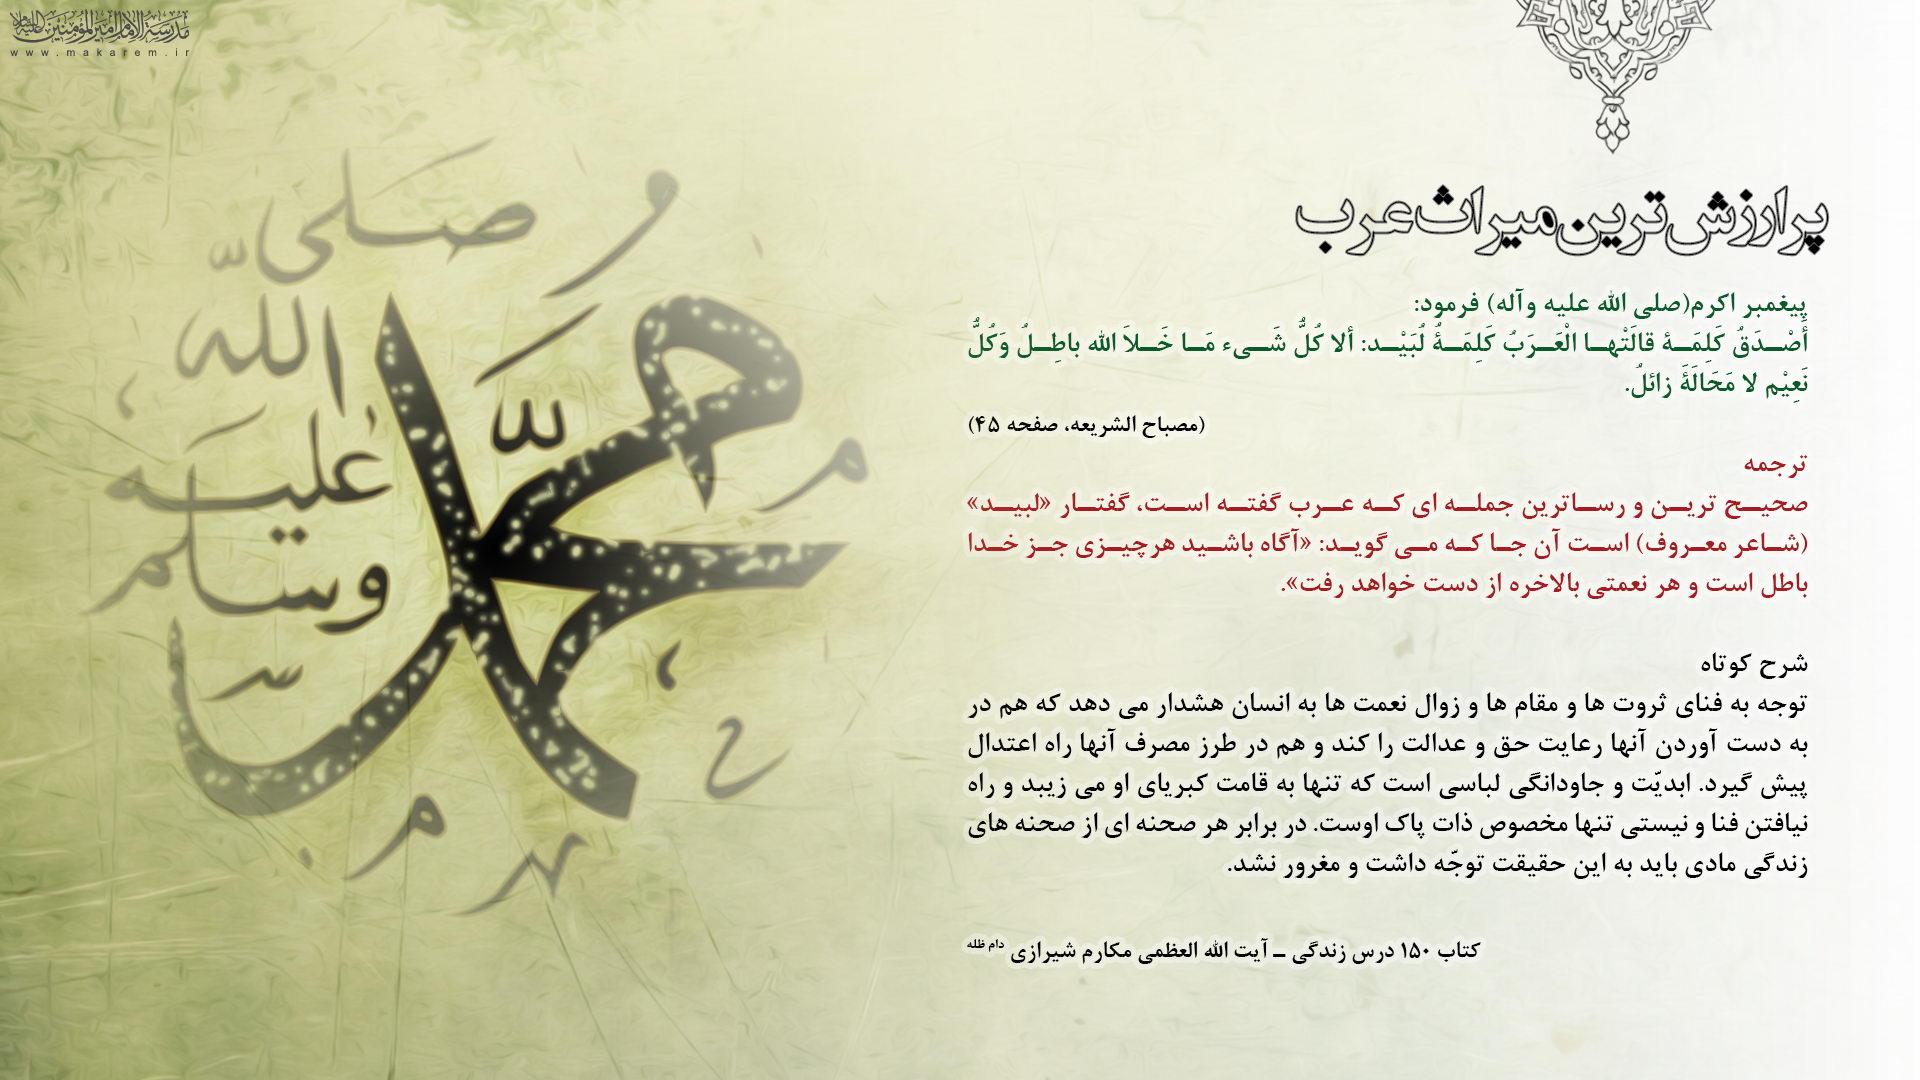 پر ارزش ترین میراث عرب-مدرسه الامام امیر المومنین (ع)